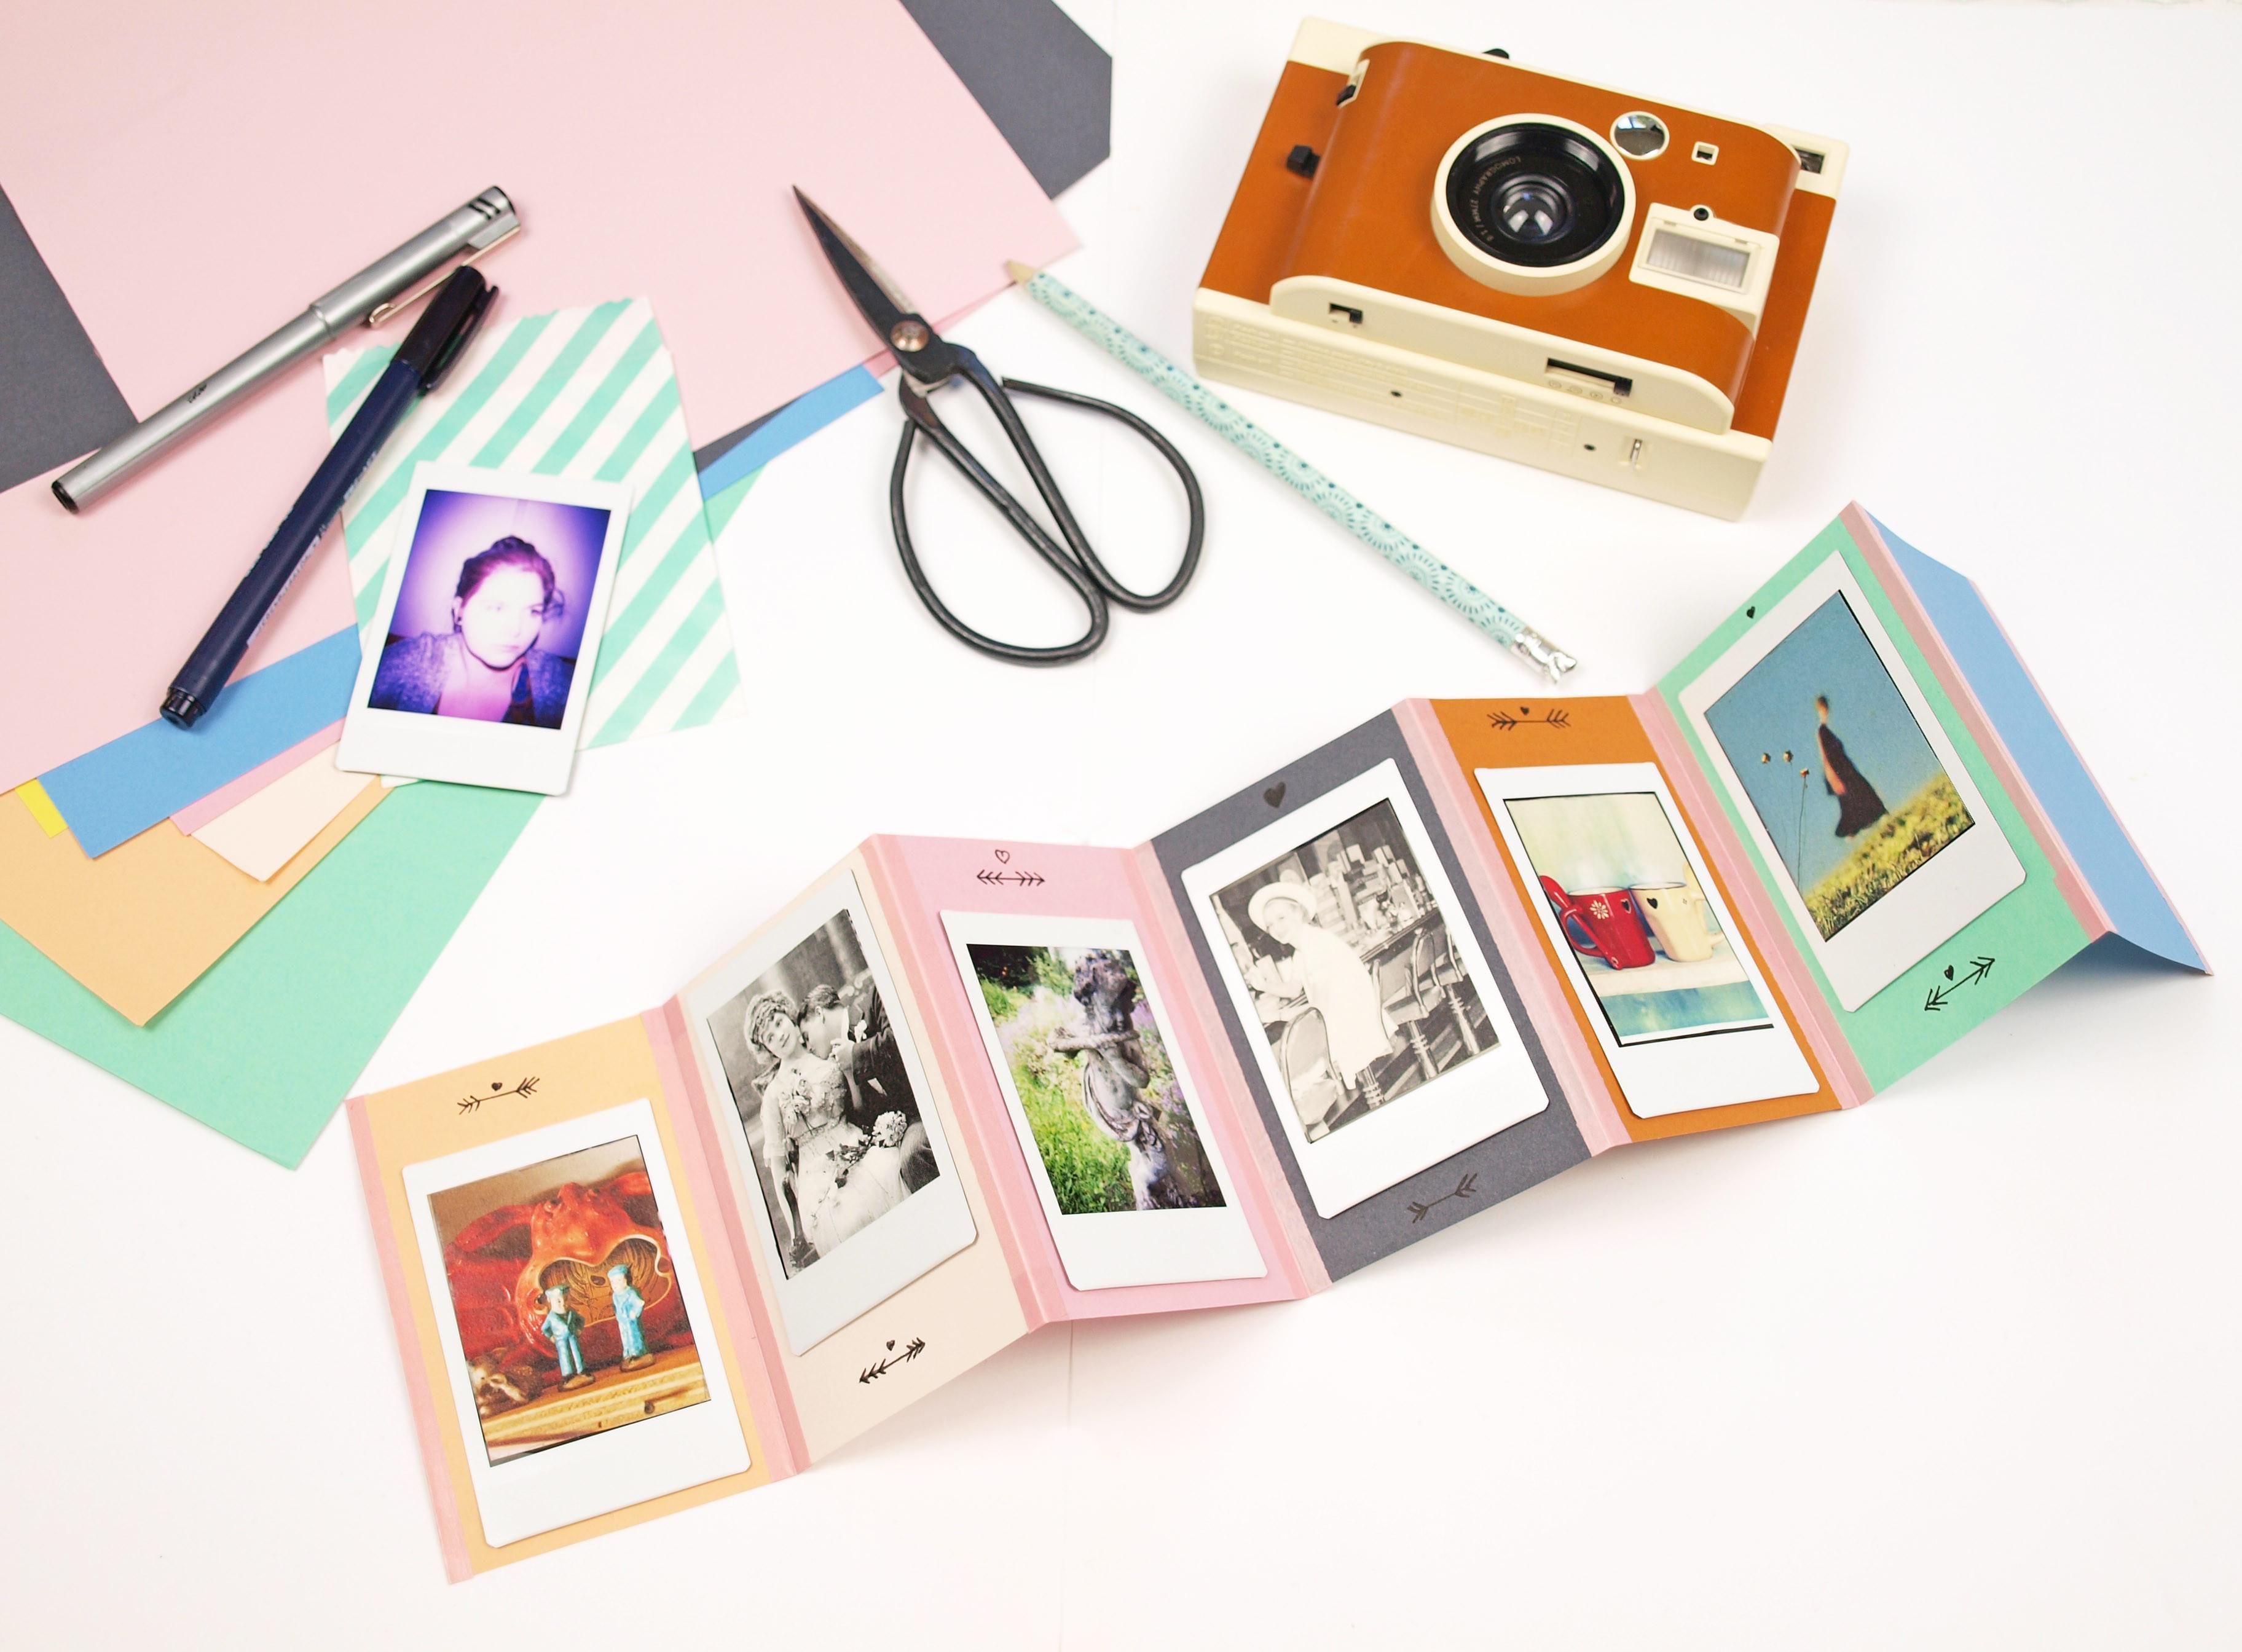 Geschenkideen Mit Fotos  Geschenkidee DIY Foto Leporello und Lomo Instant Kamera